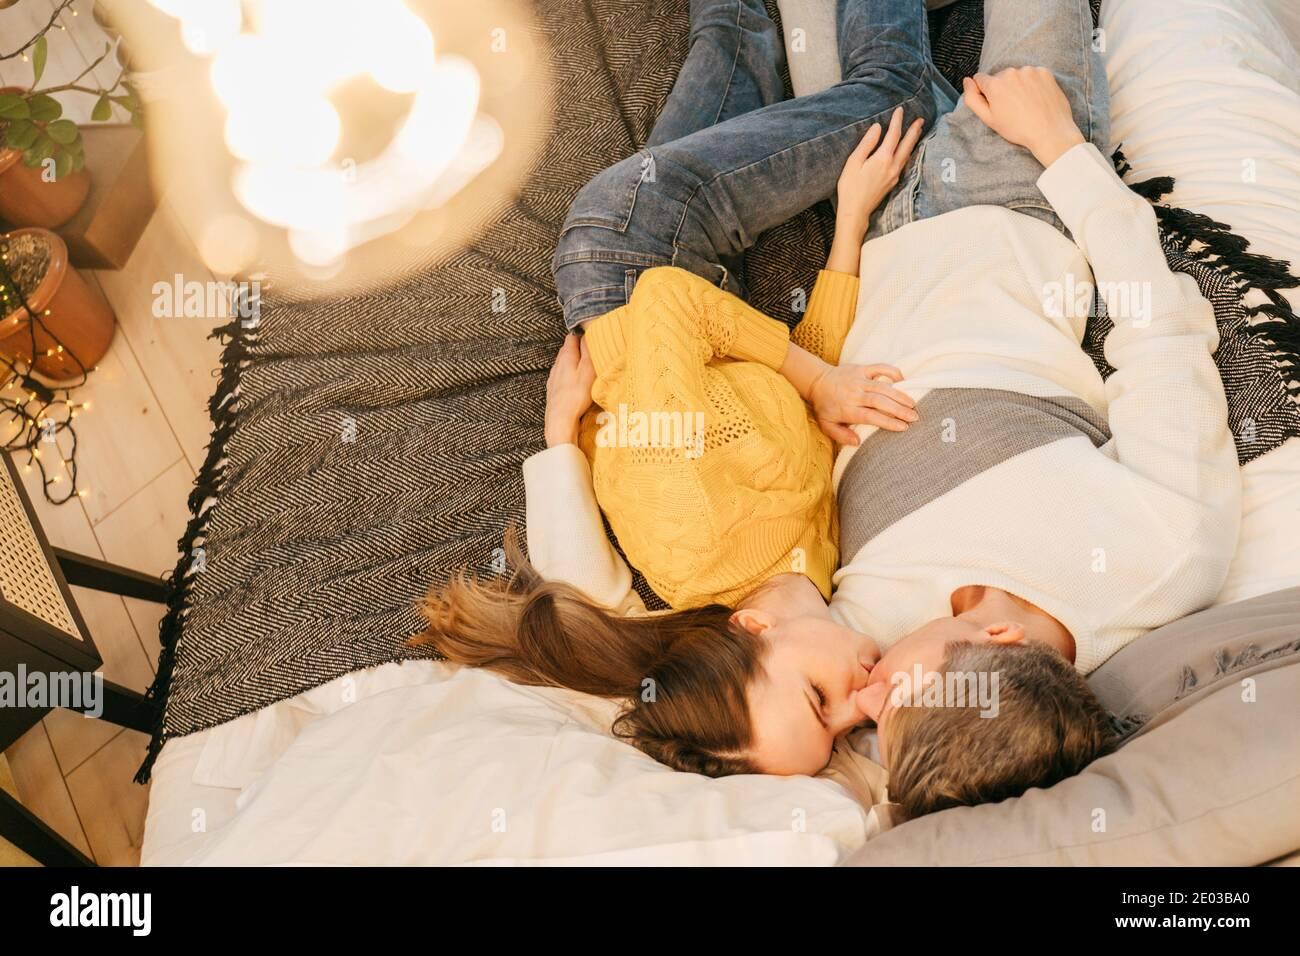 Histoire d'amour. Dans l'amour couple baiser sur le lit dans la soirée. Vue de dessus, ampoule au premier plan. Jaune et gris 2021. Banque D'Images